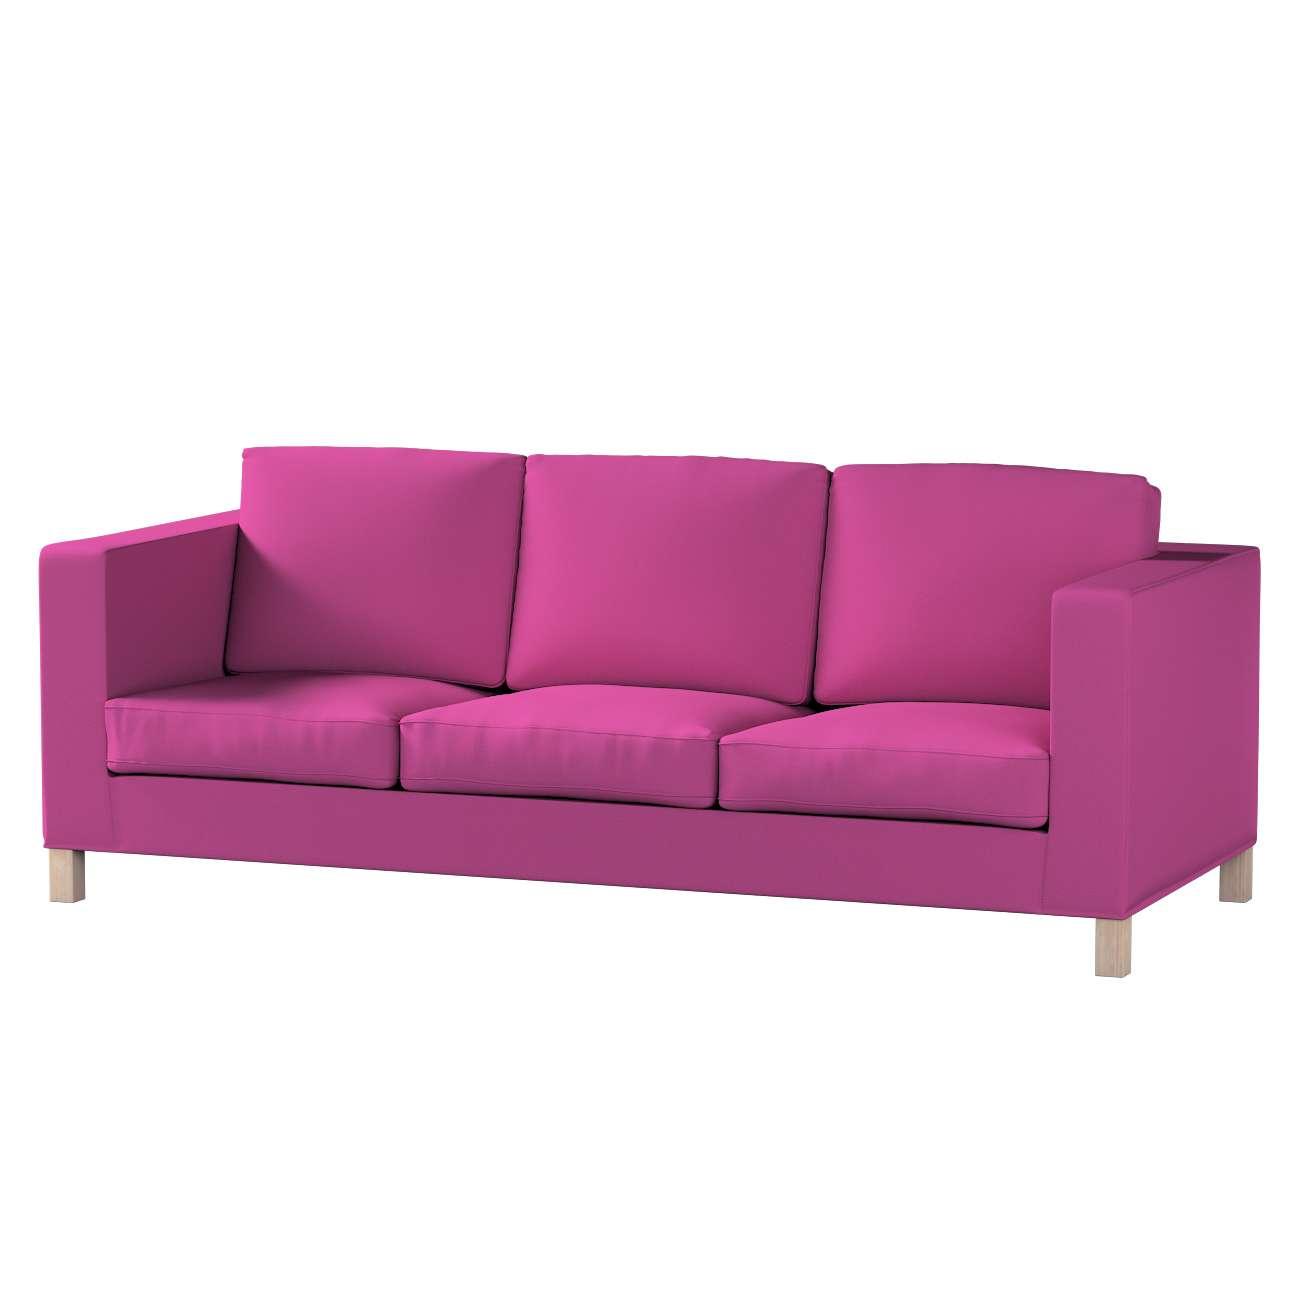 Karlanda klädsel <br>3-sits soffa - kort klädsel i kollektionen Etna, Tyg: 705-23